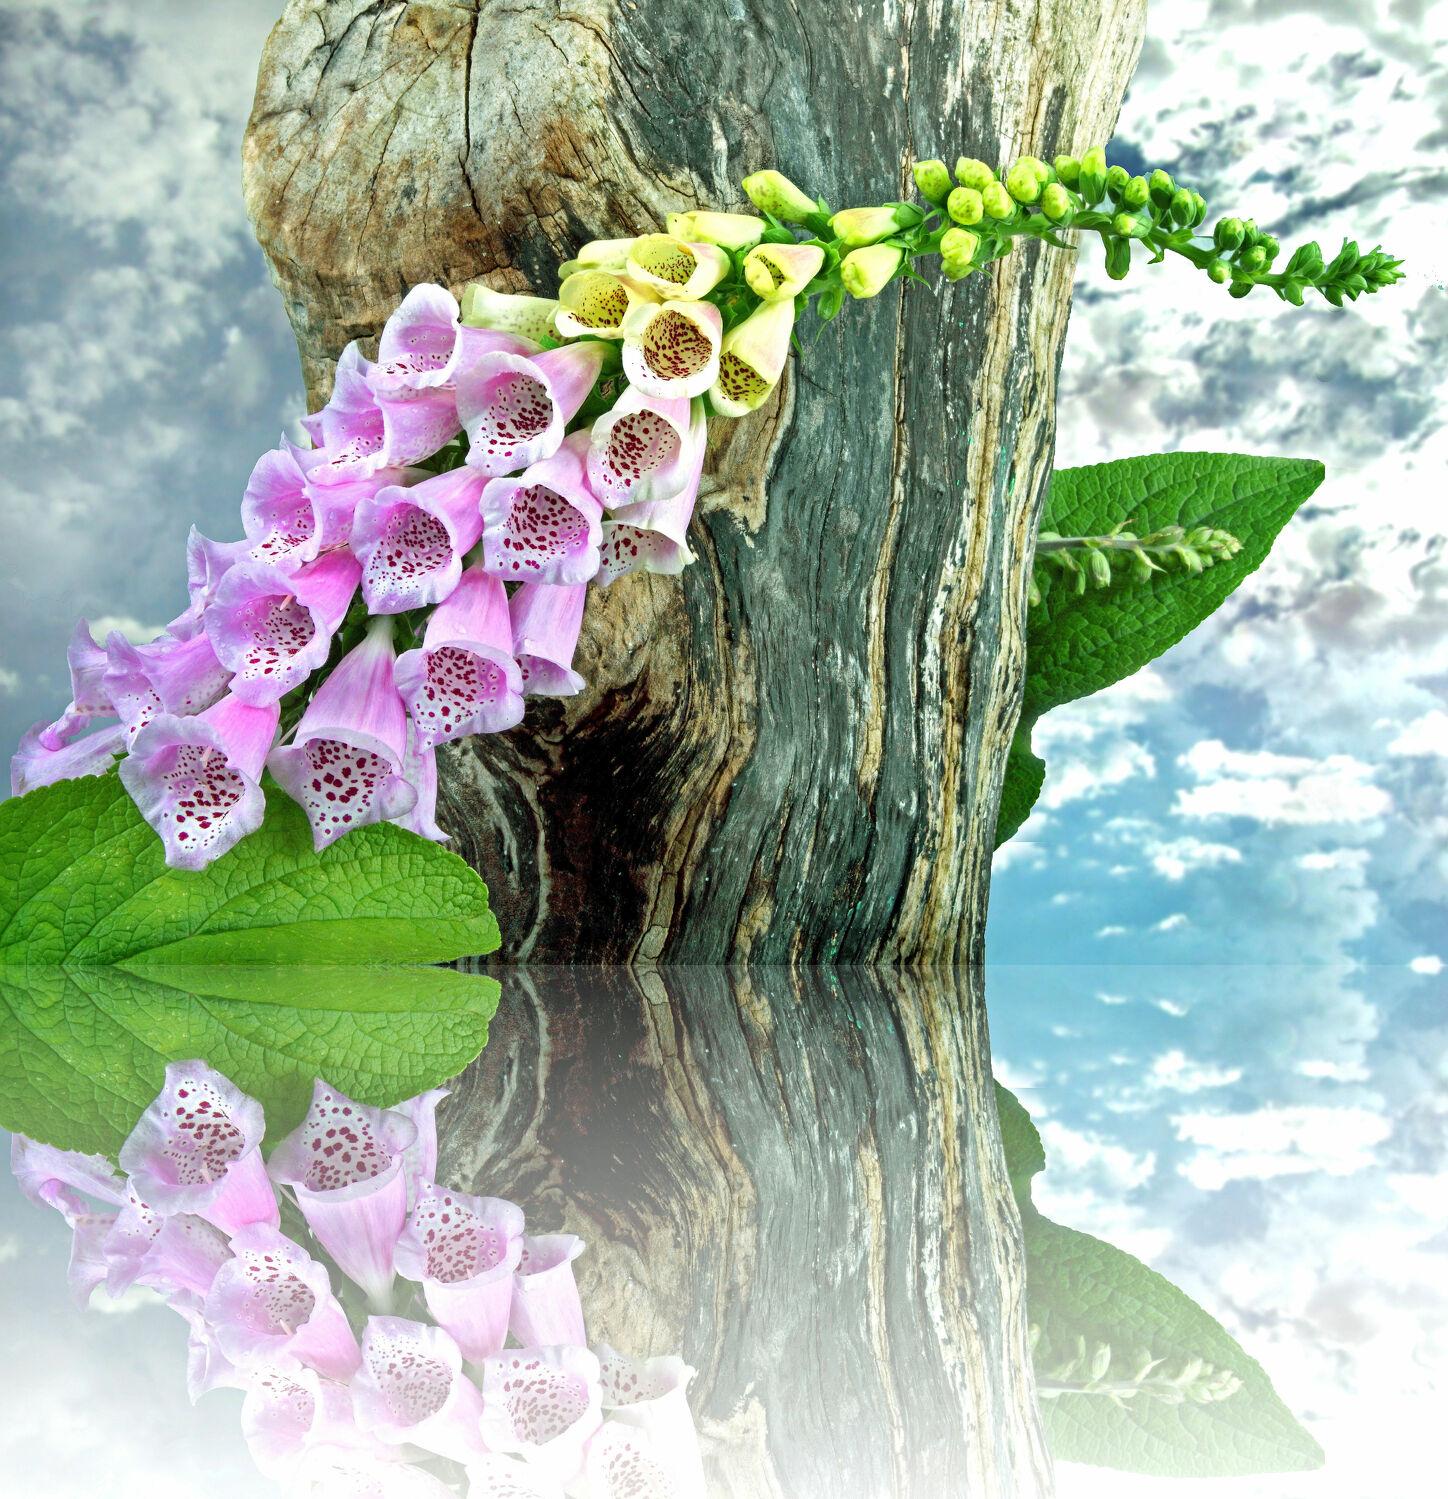 Bild mit Pflanzen, Himmel, Wolken, Blumen, Baum, Baumstamm, Blätter, Blume, Pflanze, Blatt, Blüten, blüte, fingerhüte, fingerhut